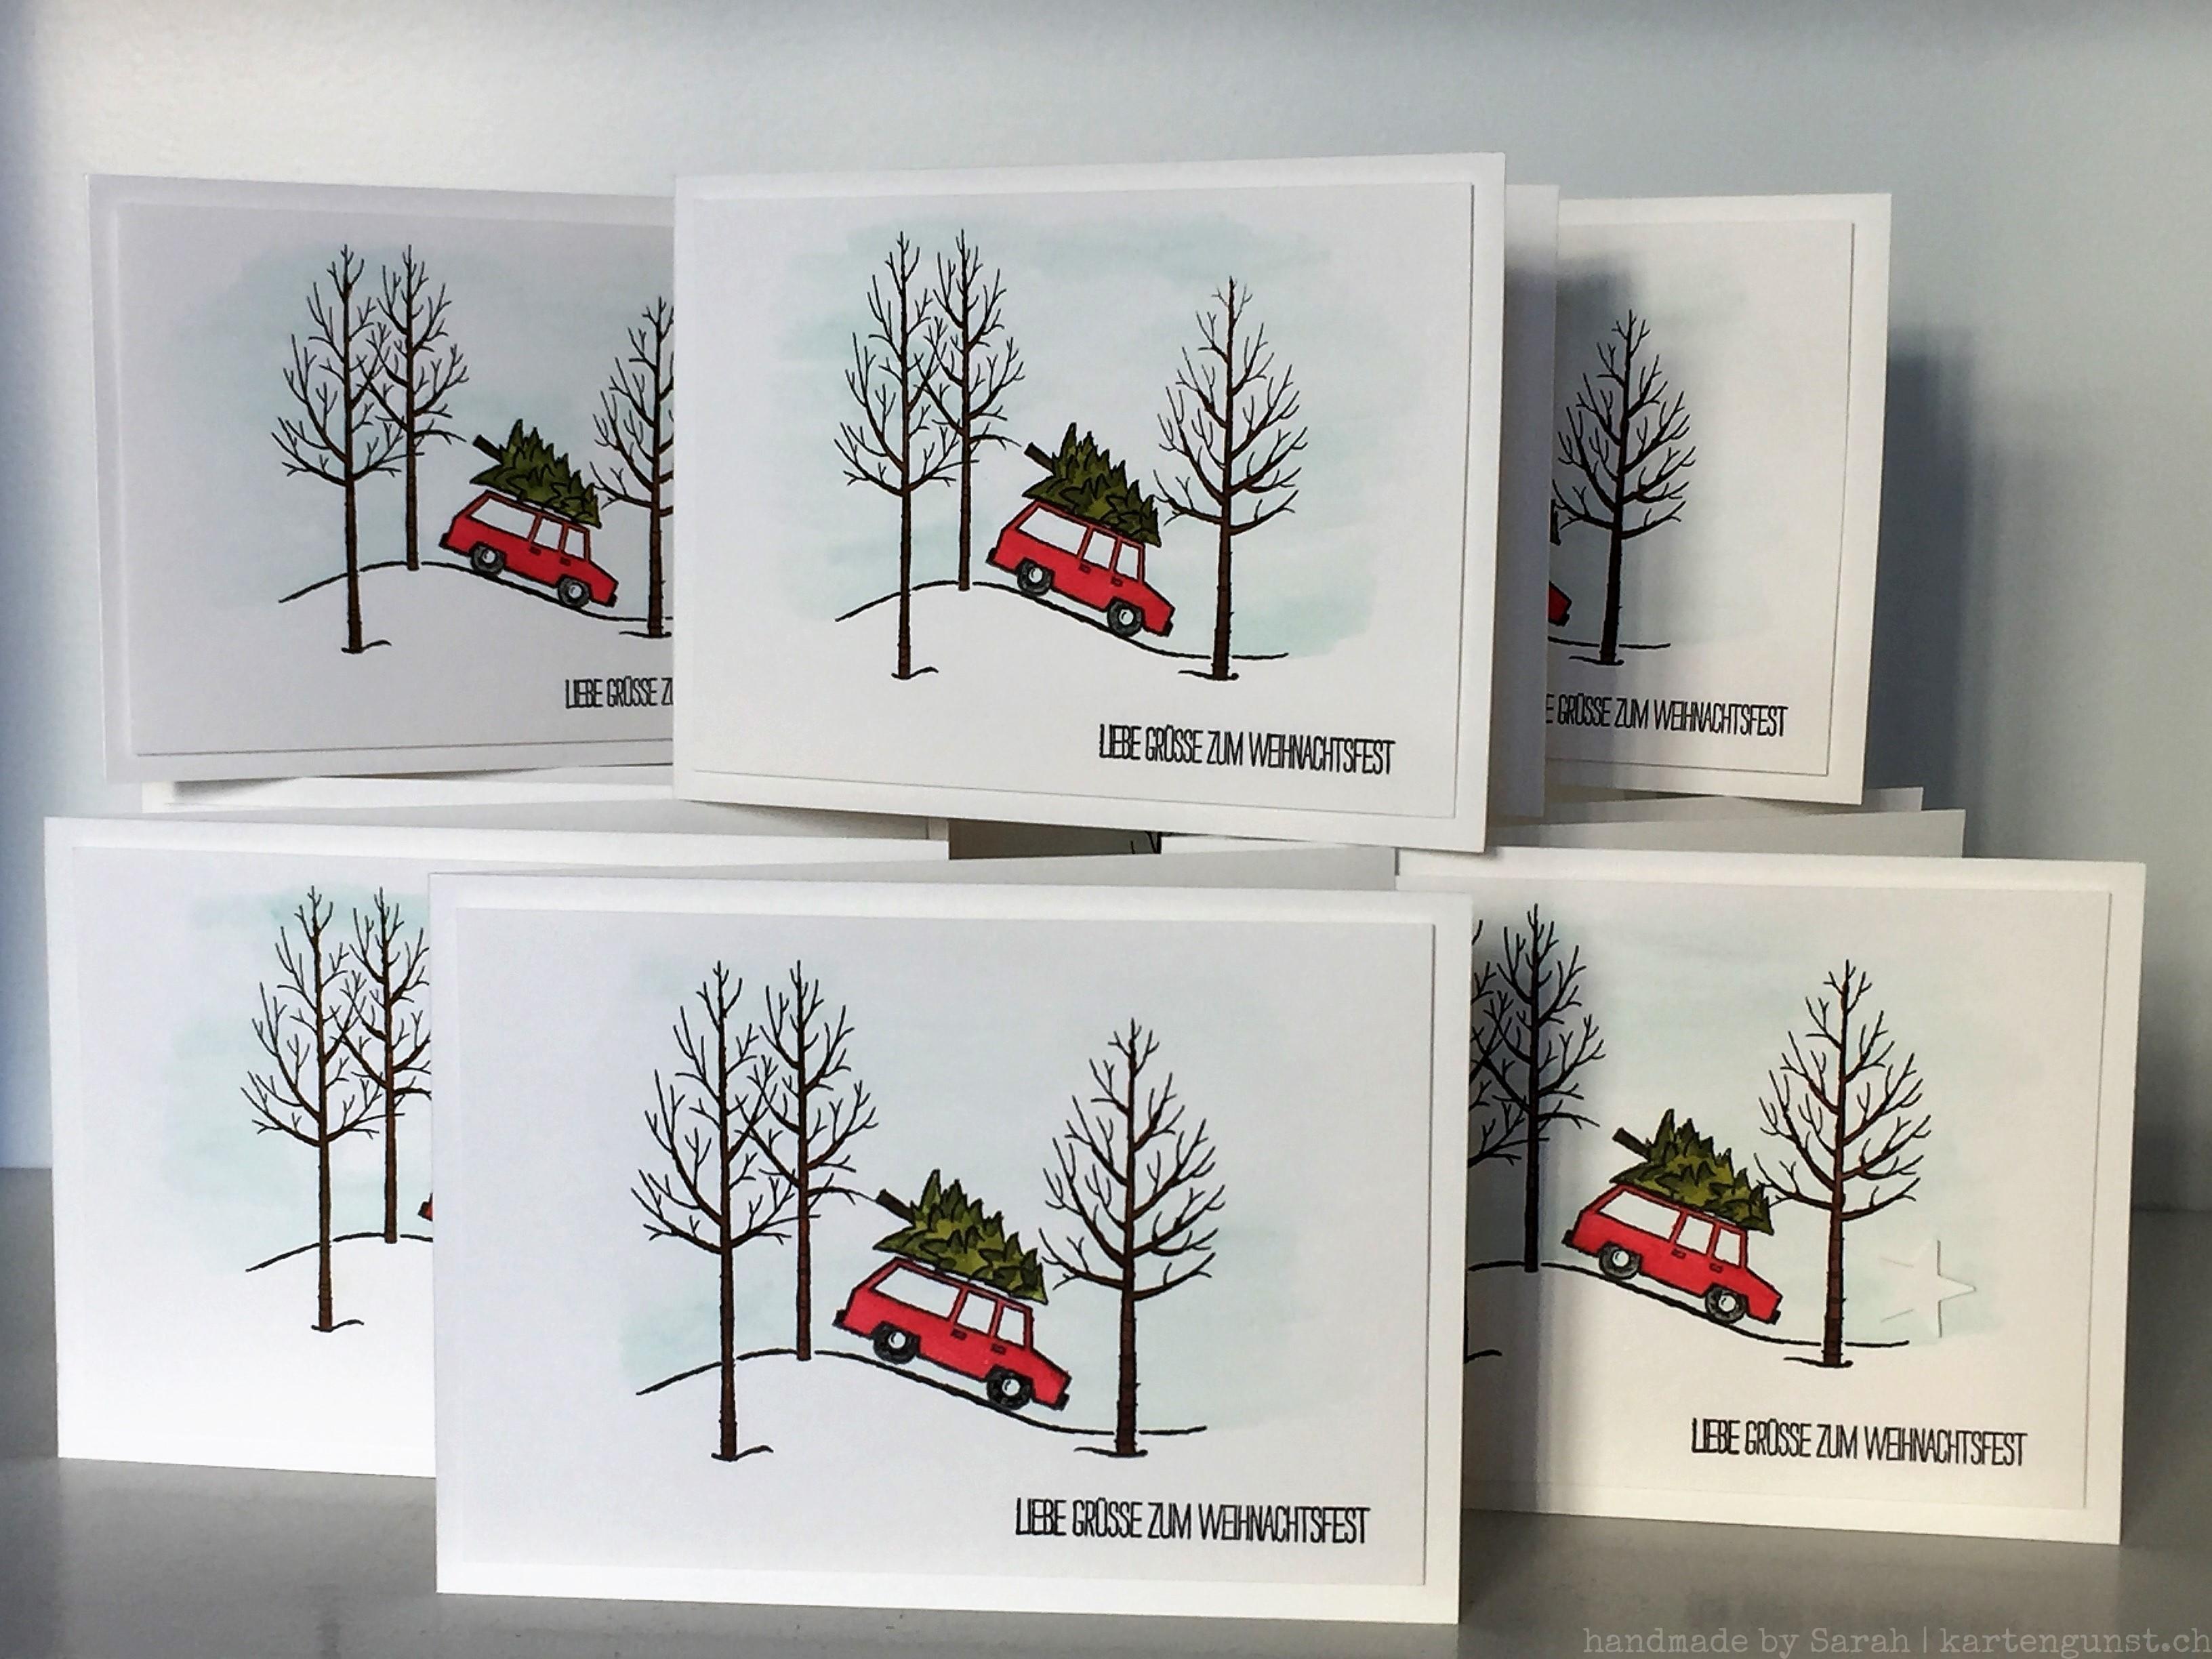 Liebenswert Edle Weihnachtskarten Basteln Sammlung Von Es Hat Ausserdem Einen Edlen, Zarten Schimmer,